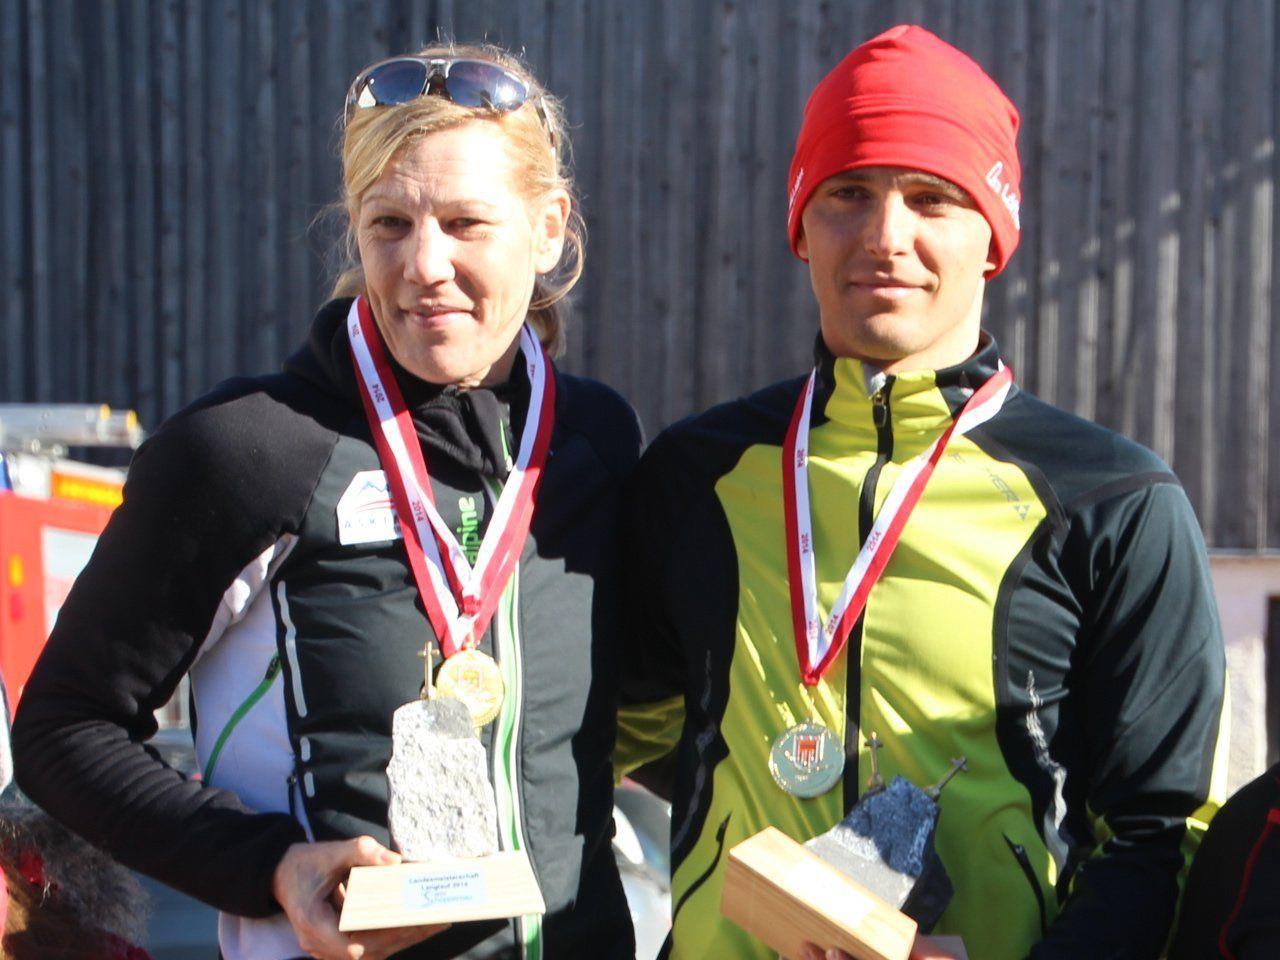 Dagmar Fink und die beiden Sutter holten sich den Landesmeistertitel im Langlauf in Schoppernau.